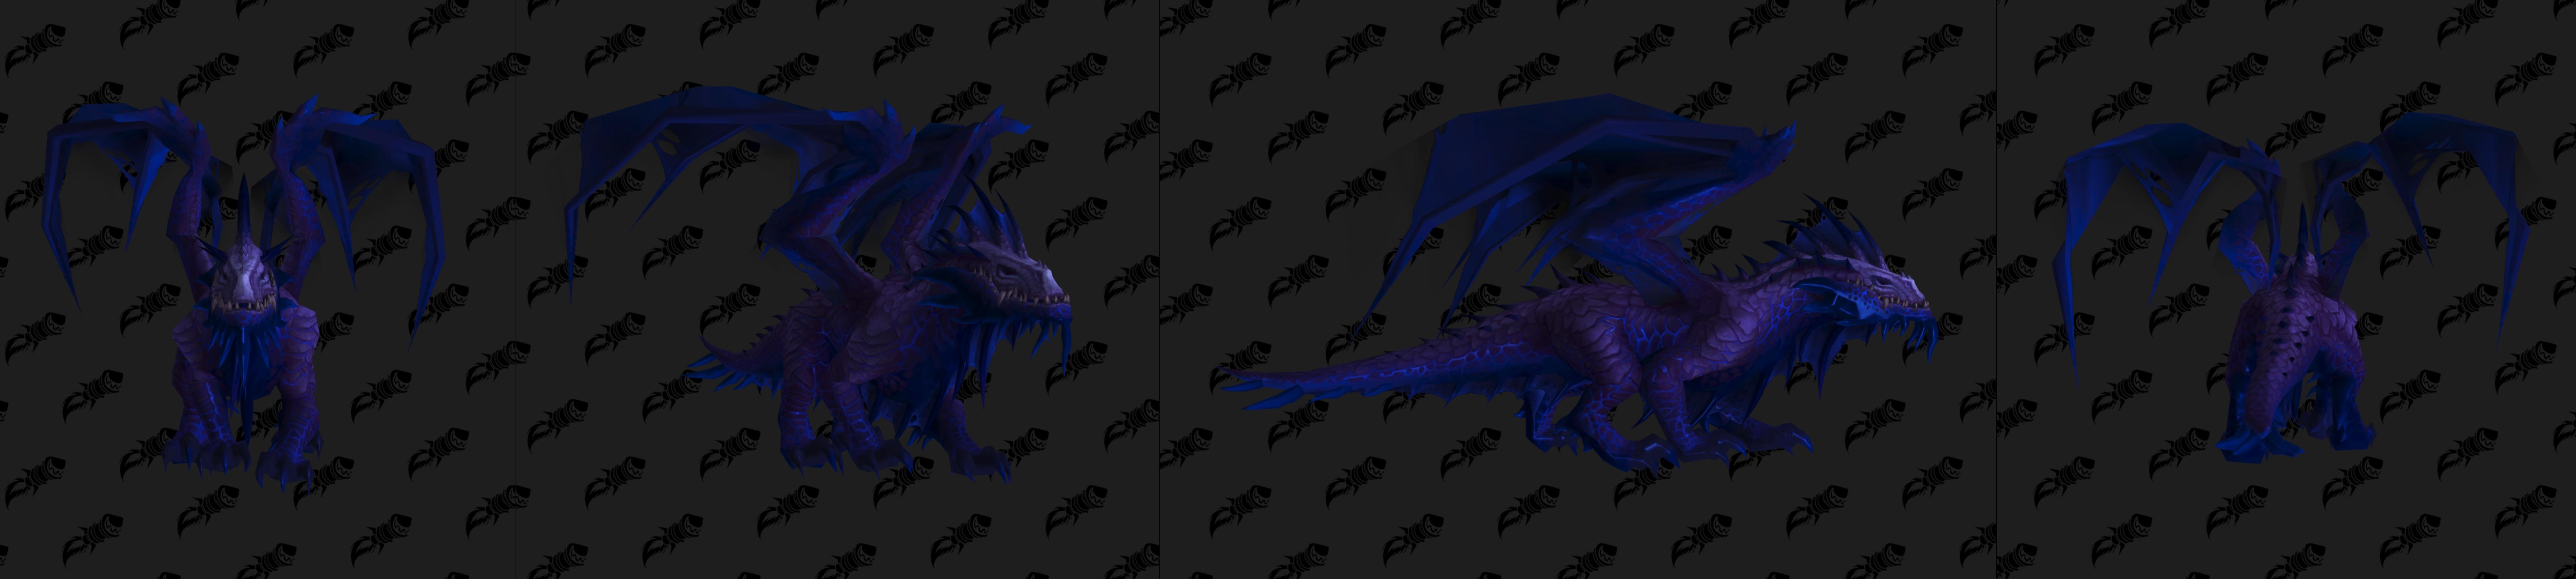 Nouveau modèle de dragon du Vide